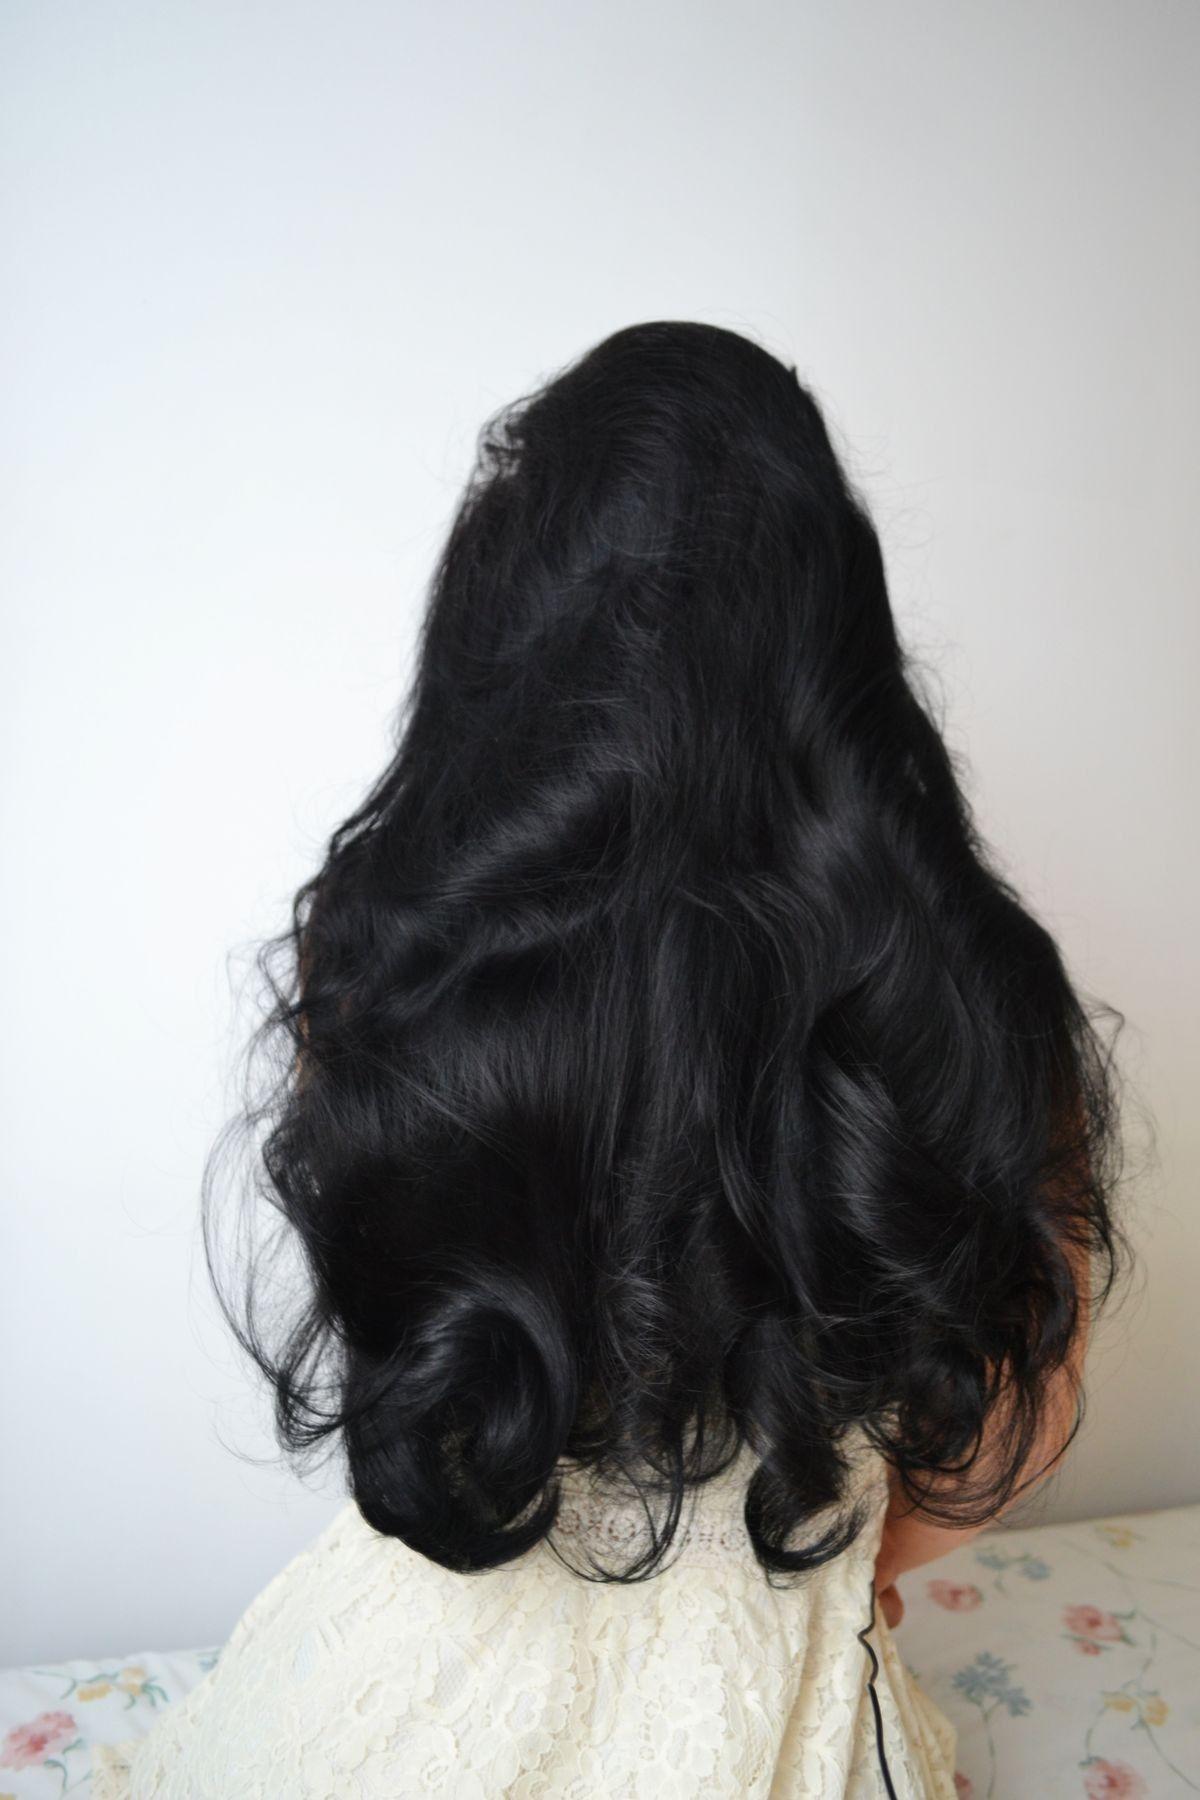 Pin Di Su Hair Nel 2020 Trucco E Acconciatura Capelli Lunghissimi Bellezza Dei Capelli